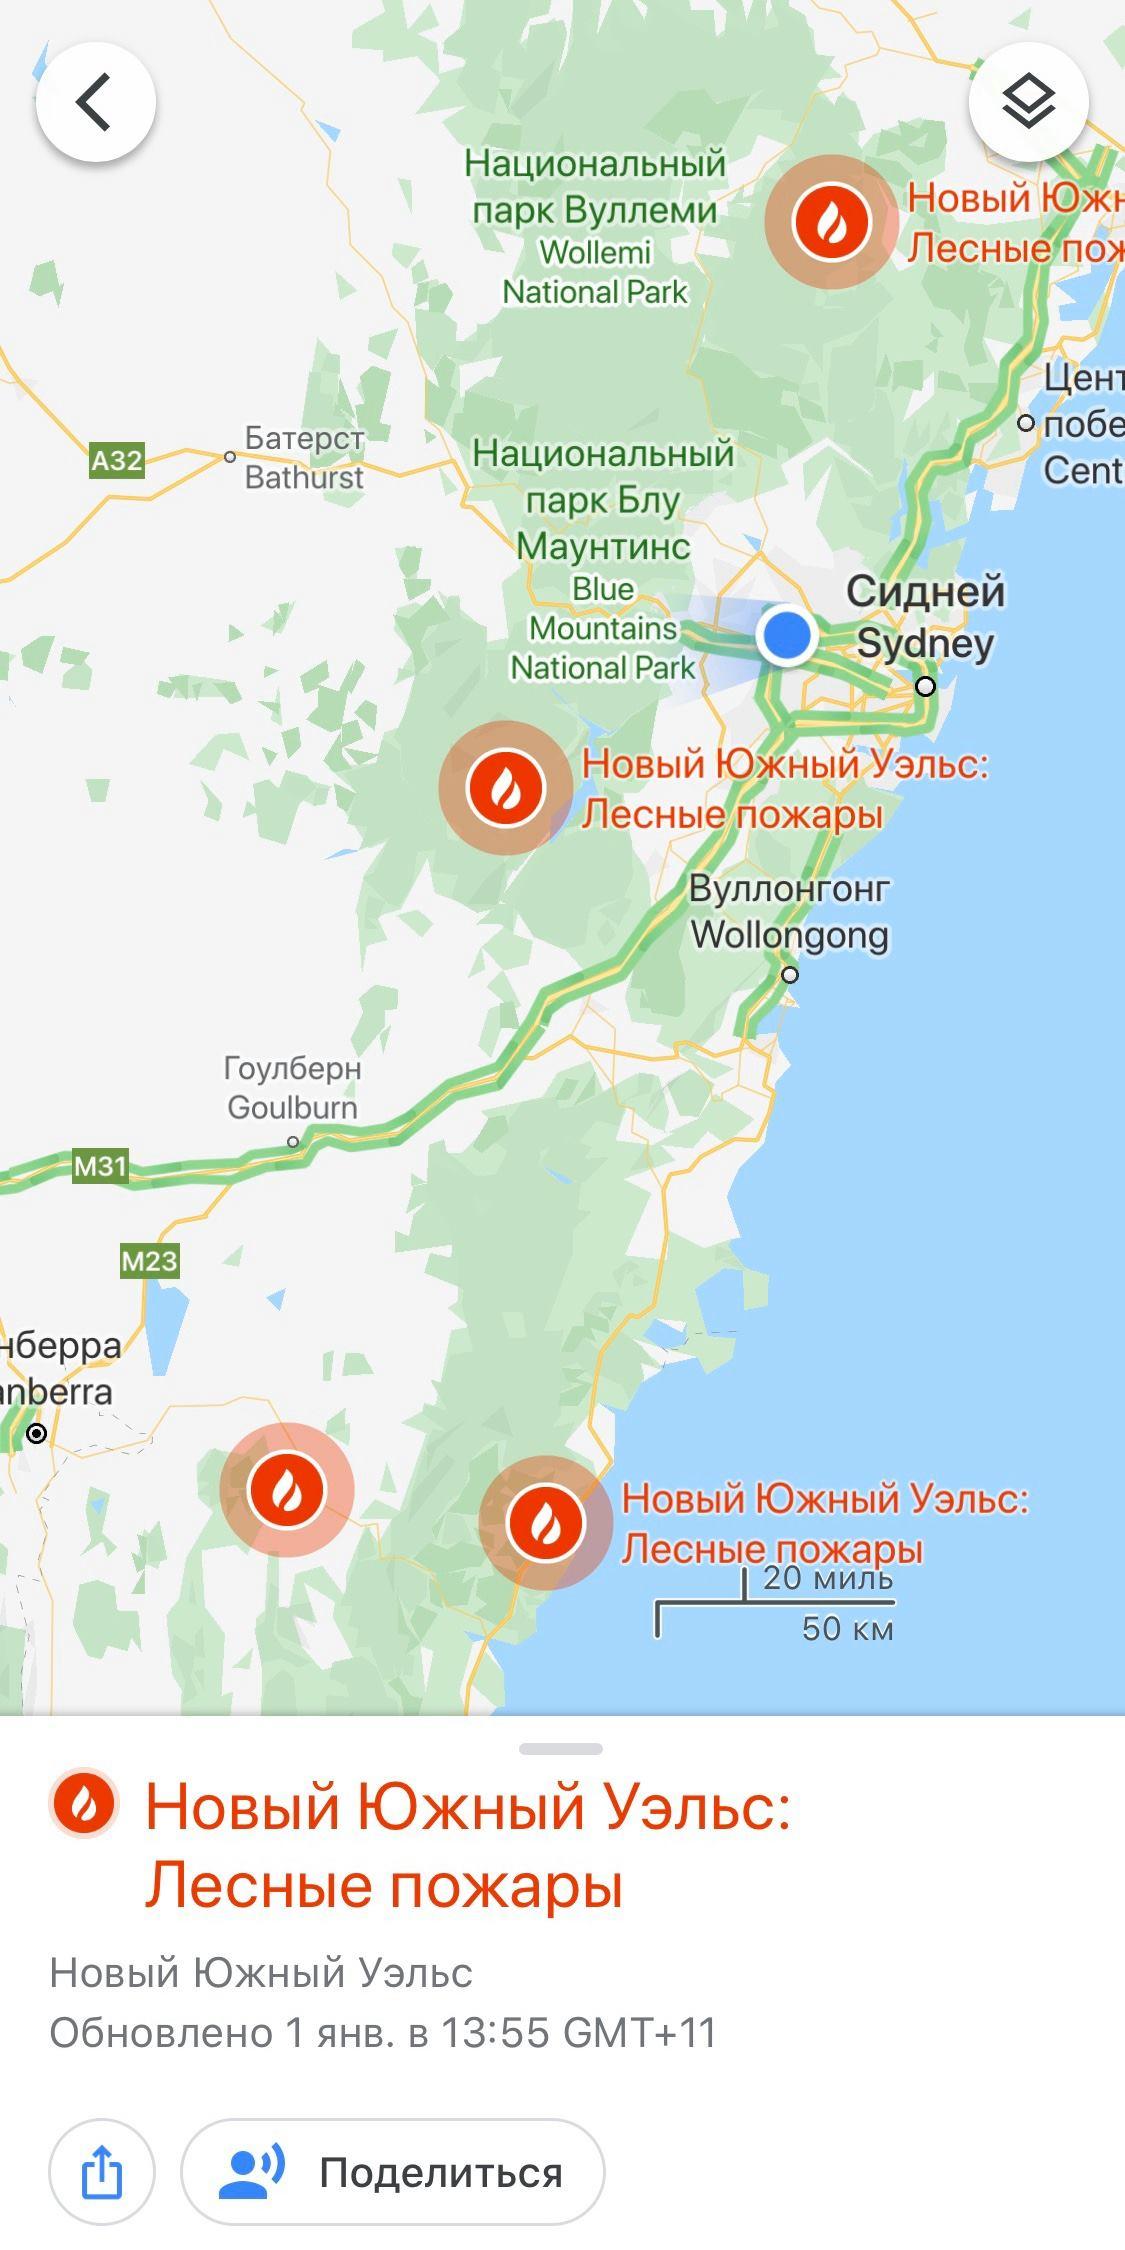 Bushfires в Австралии: таких пожаров не было последних 17 лет